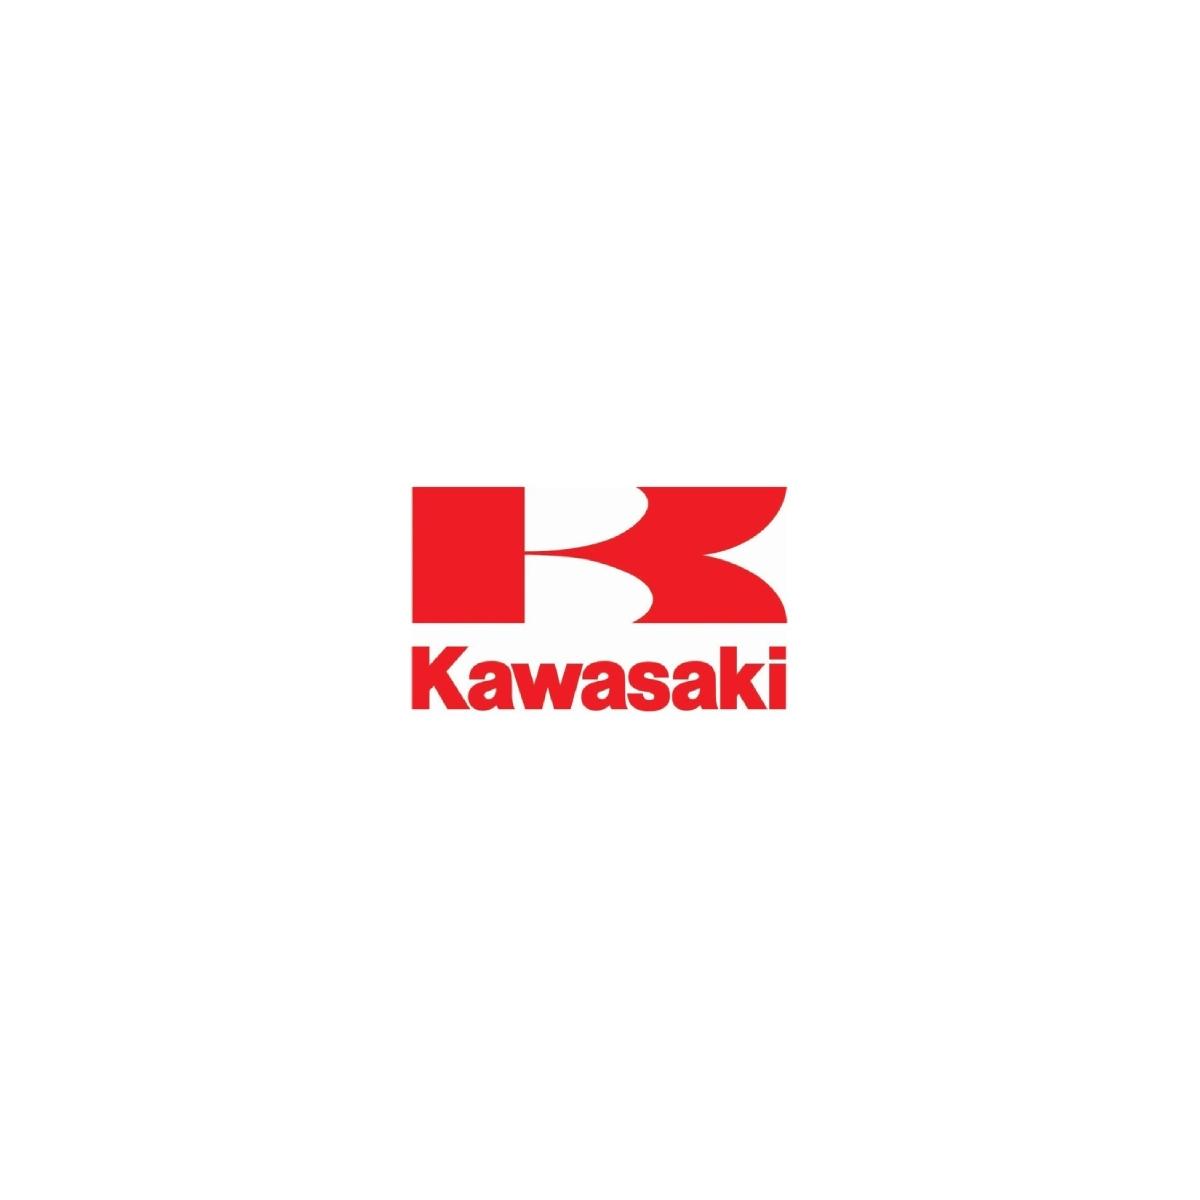 Acoplador para Jet Ski Kawasaki e Sea Doo 20mm>  - Radical Peças - Peças para Jet Ski